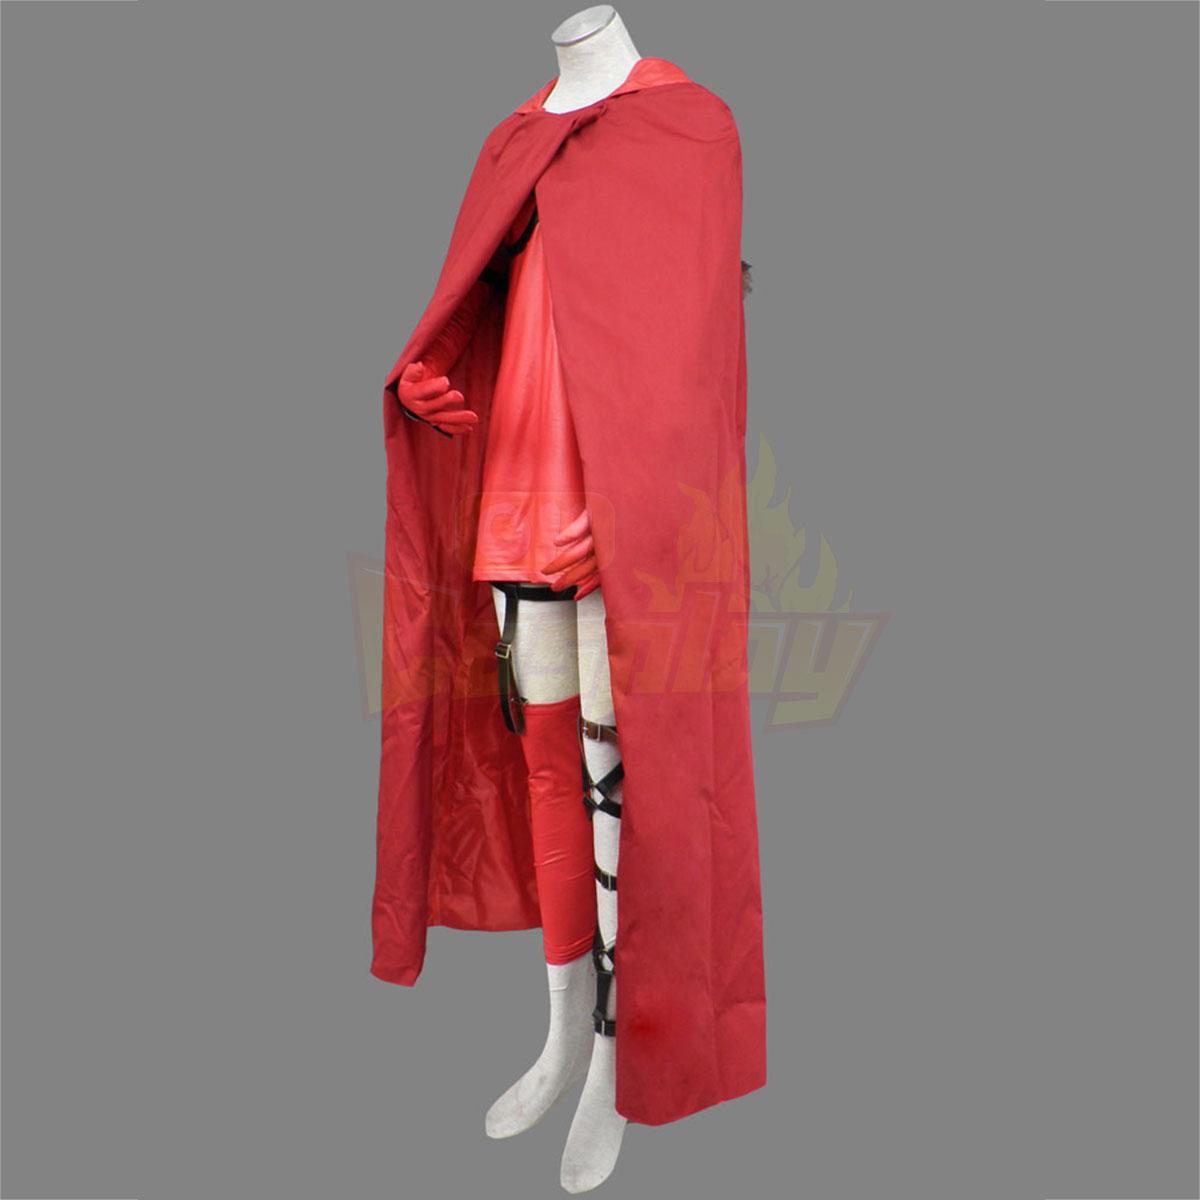 호화로운 Ludwig Kakumei 빨간 Riding Hood Lisette 긴 cloak 코스프레 의상